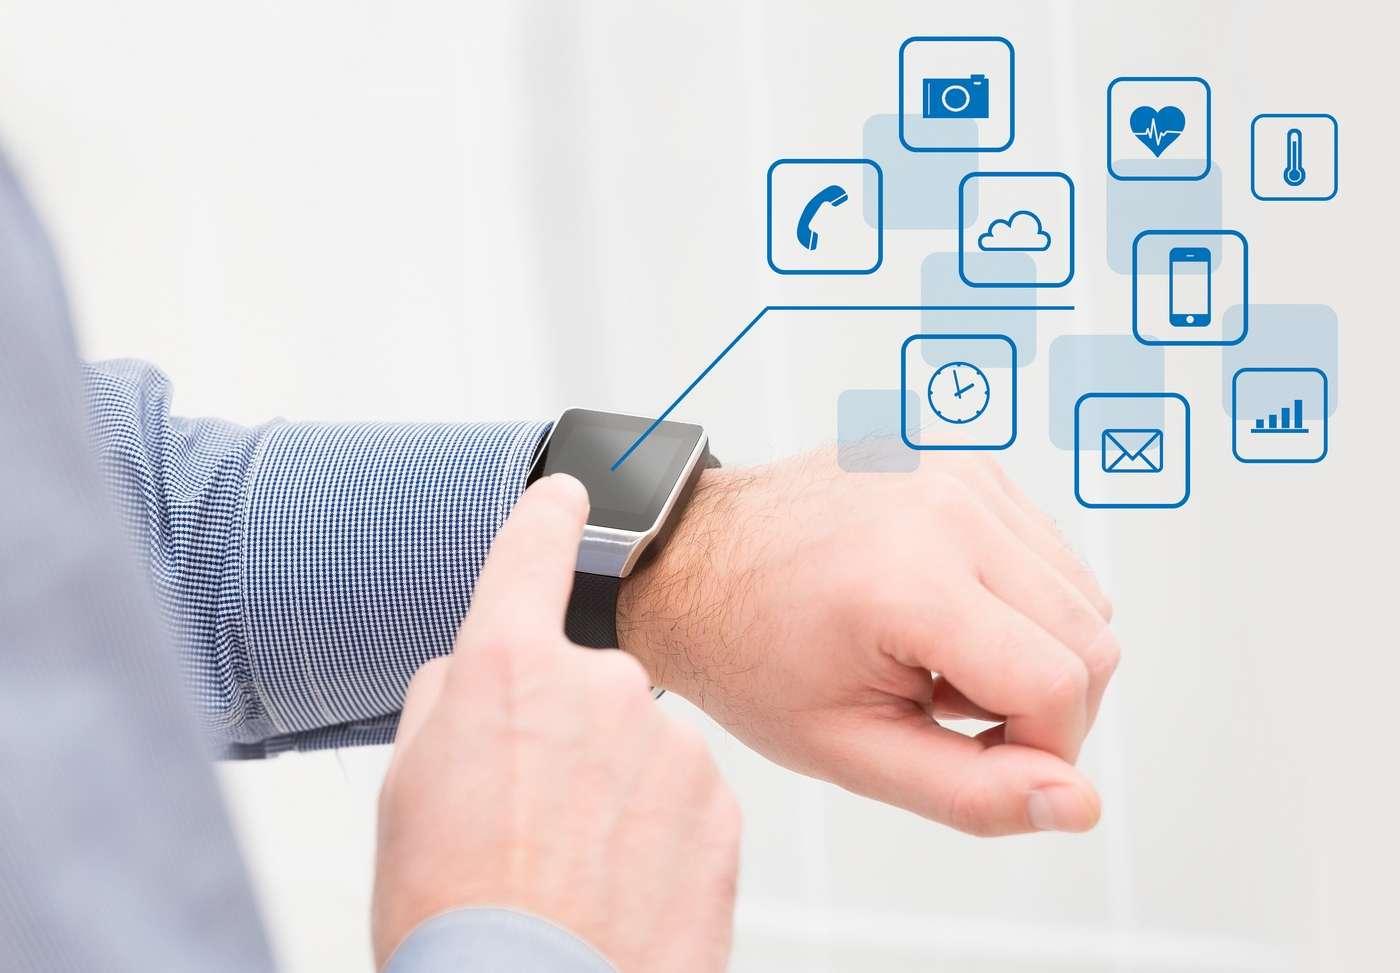 Les montres connectées sont aujourd'hui de véritables ordinateurs miniatures très sophistiqués. © Scyther5, Shutterstock